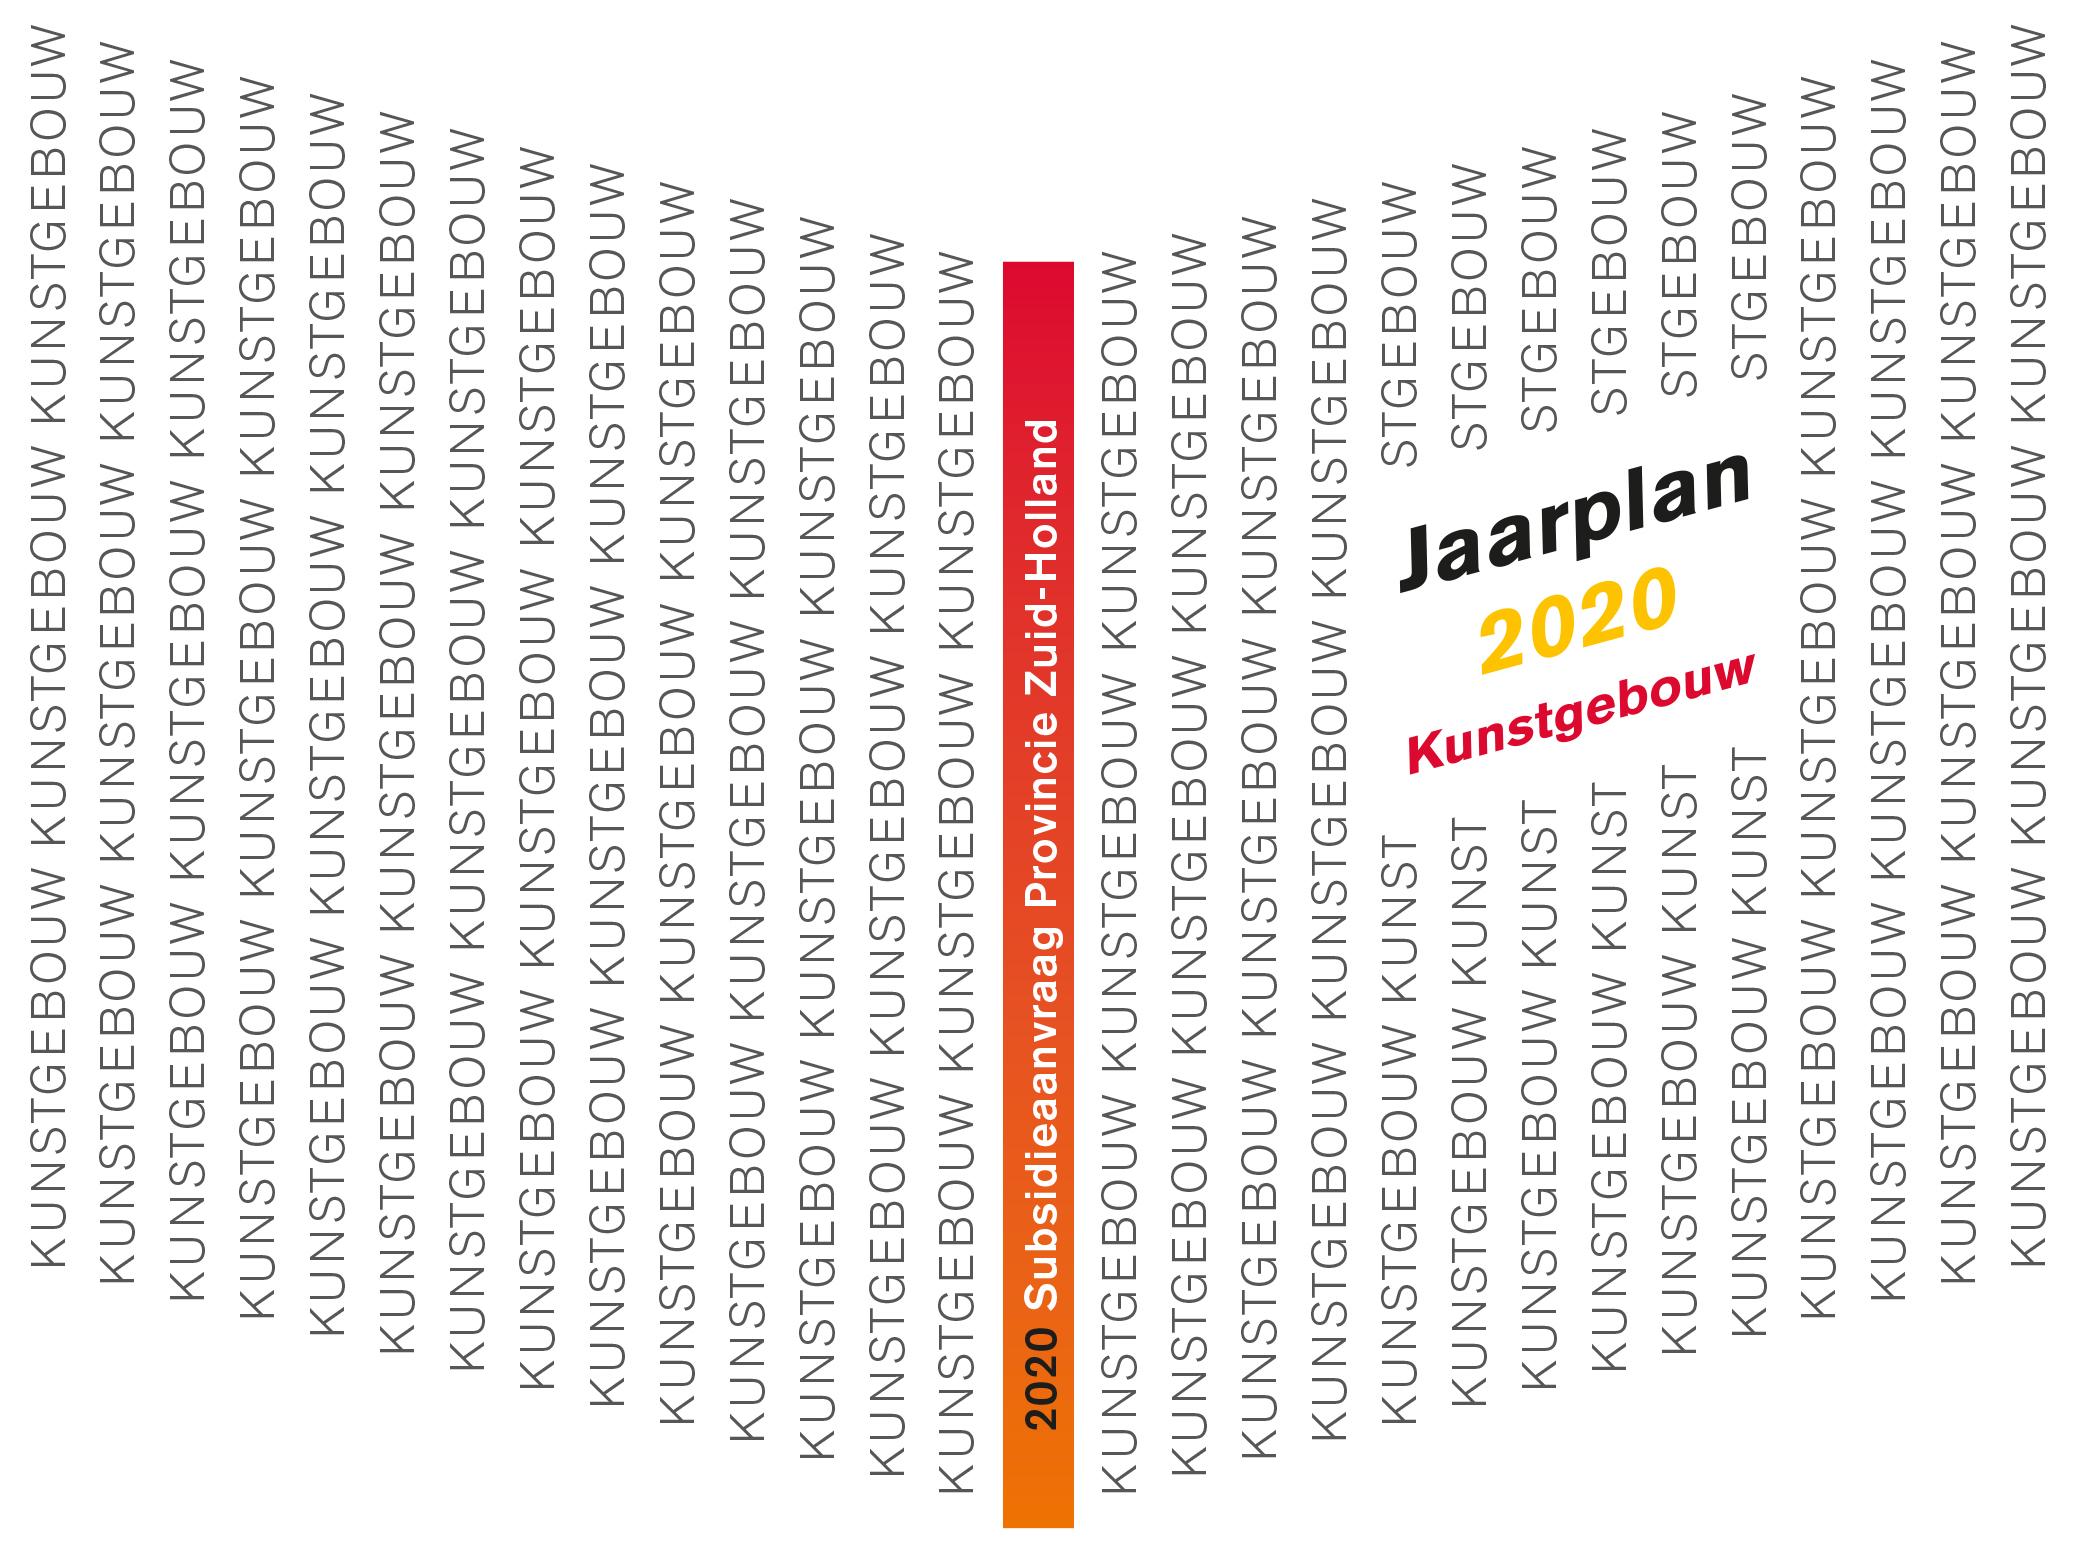 Jaarplan 2020 Kunstgebouw